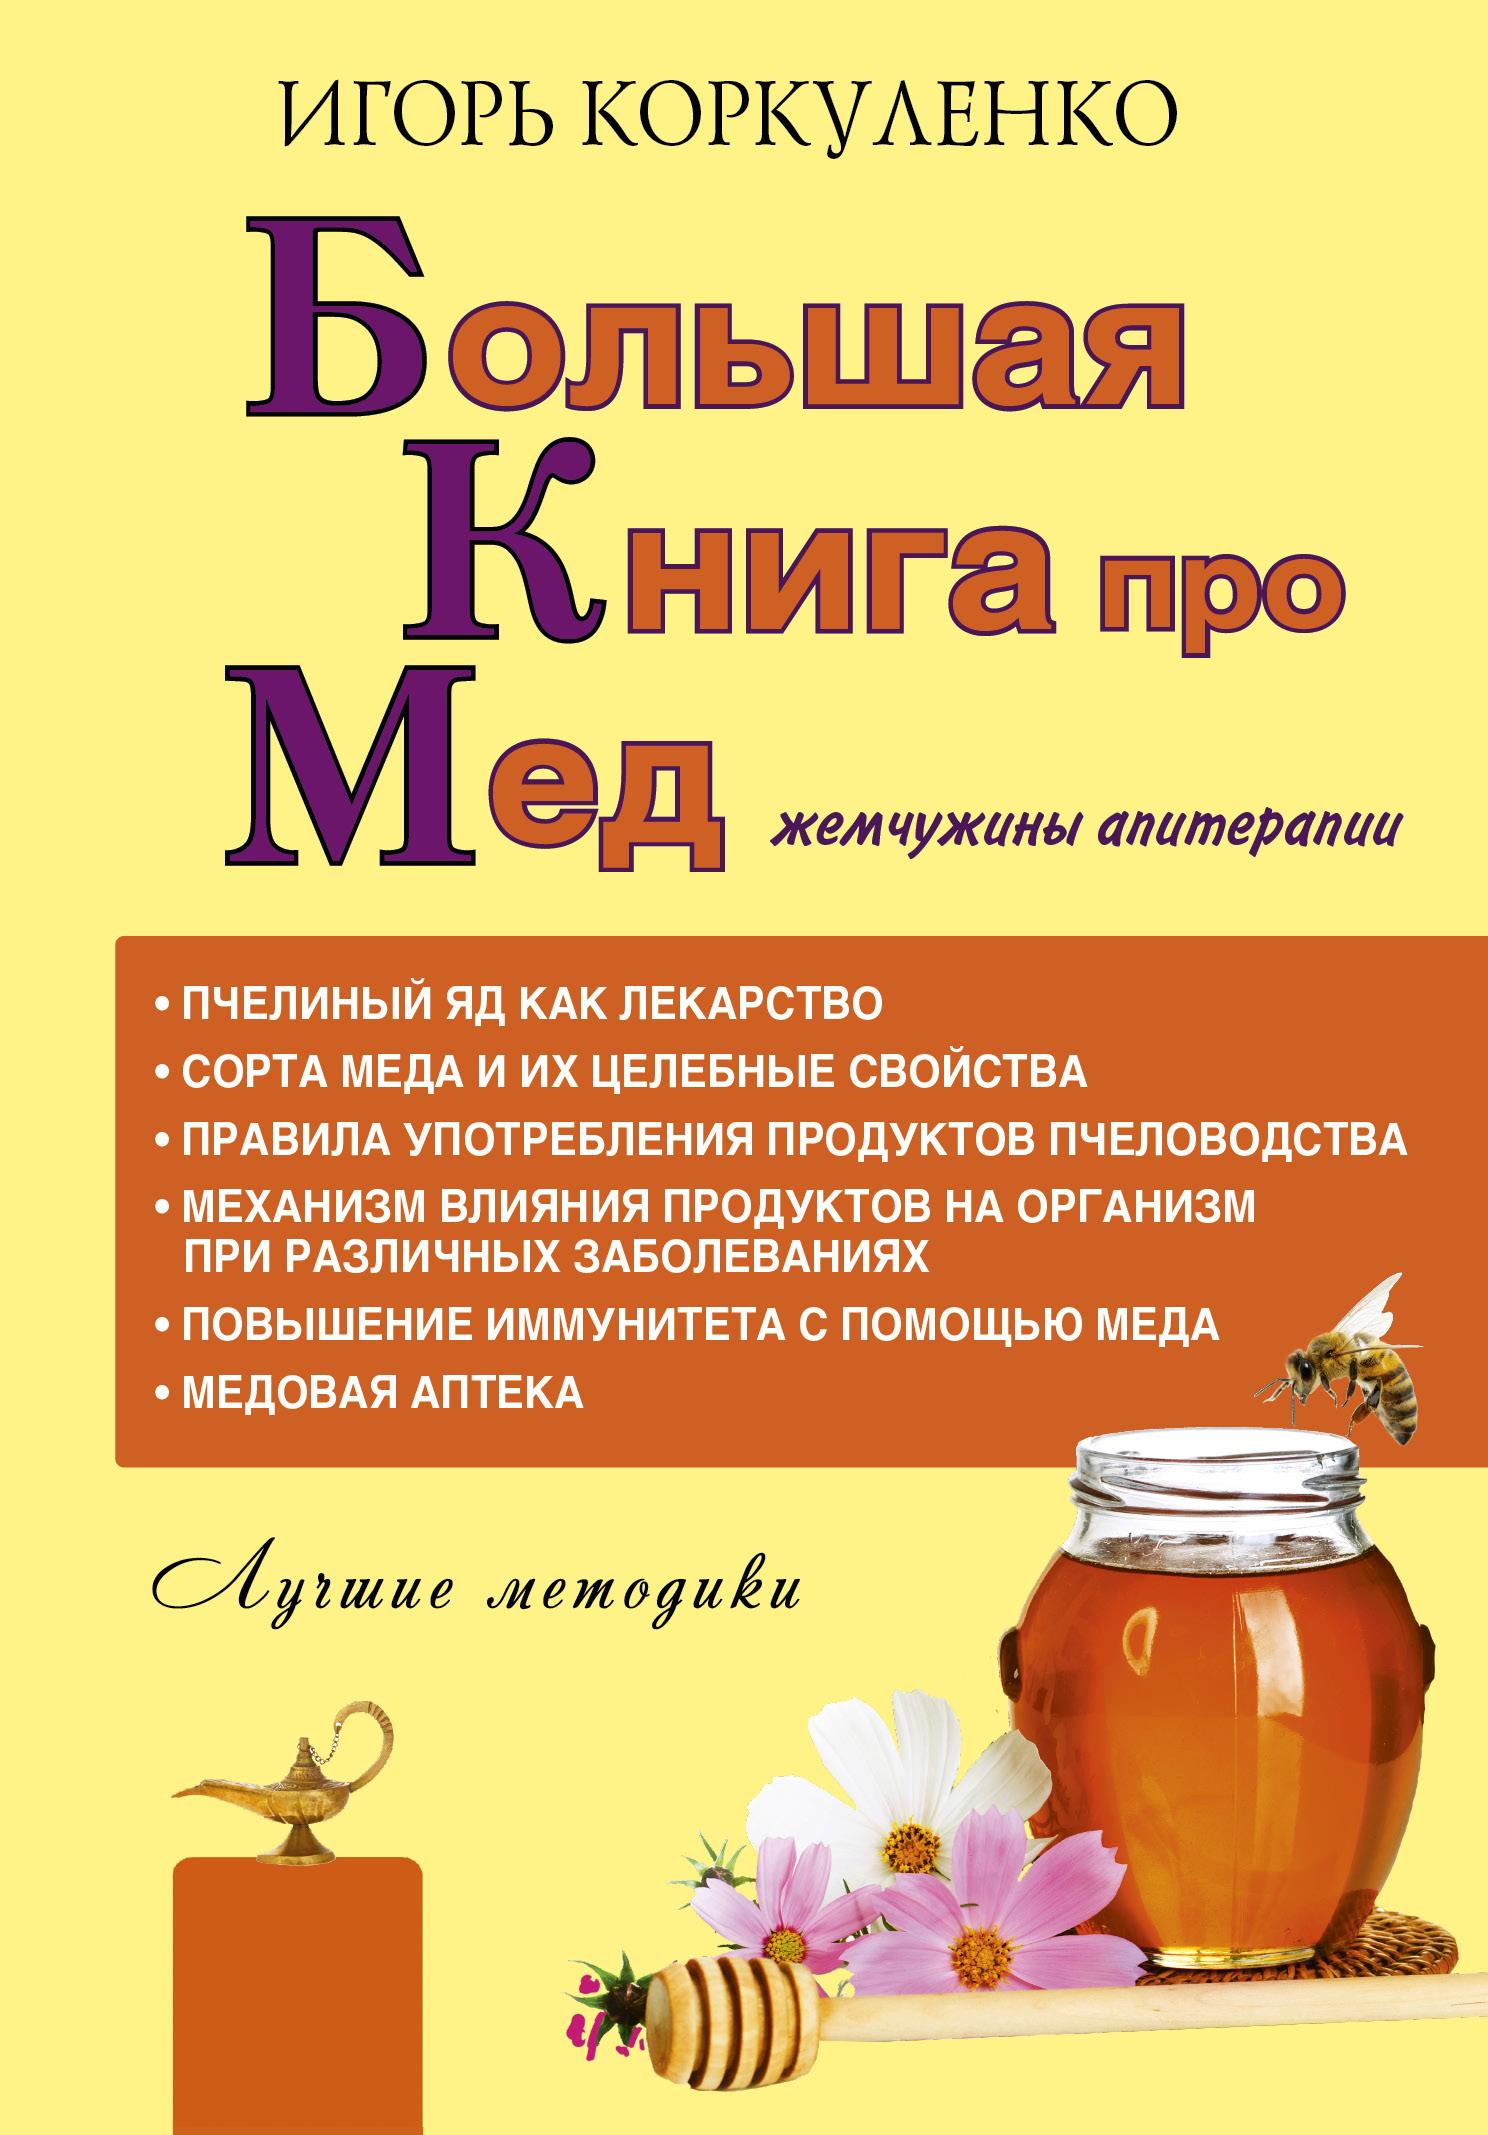 Коркуленко И.Т. Большая книга про мед: жемчужины апитерапии